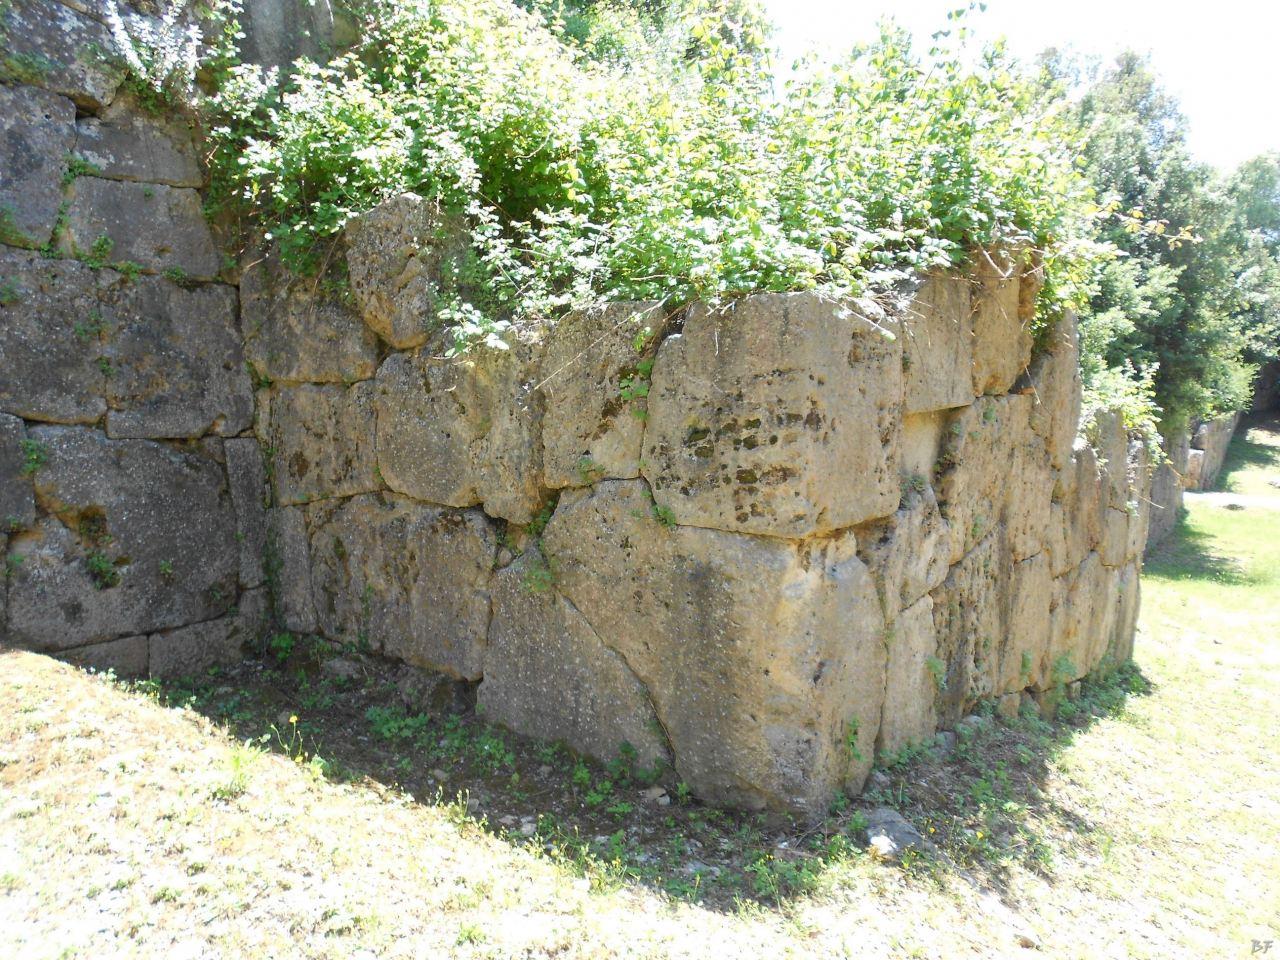 Cosa-Mura-Megalitiche-Ansedonia-Grosseto-Toscana-Italia-23